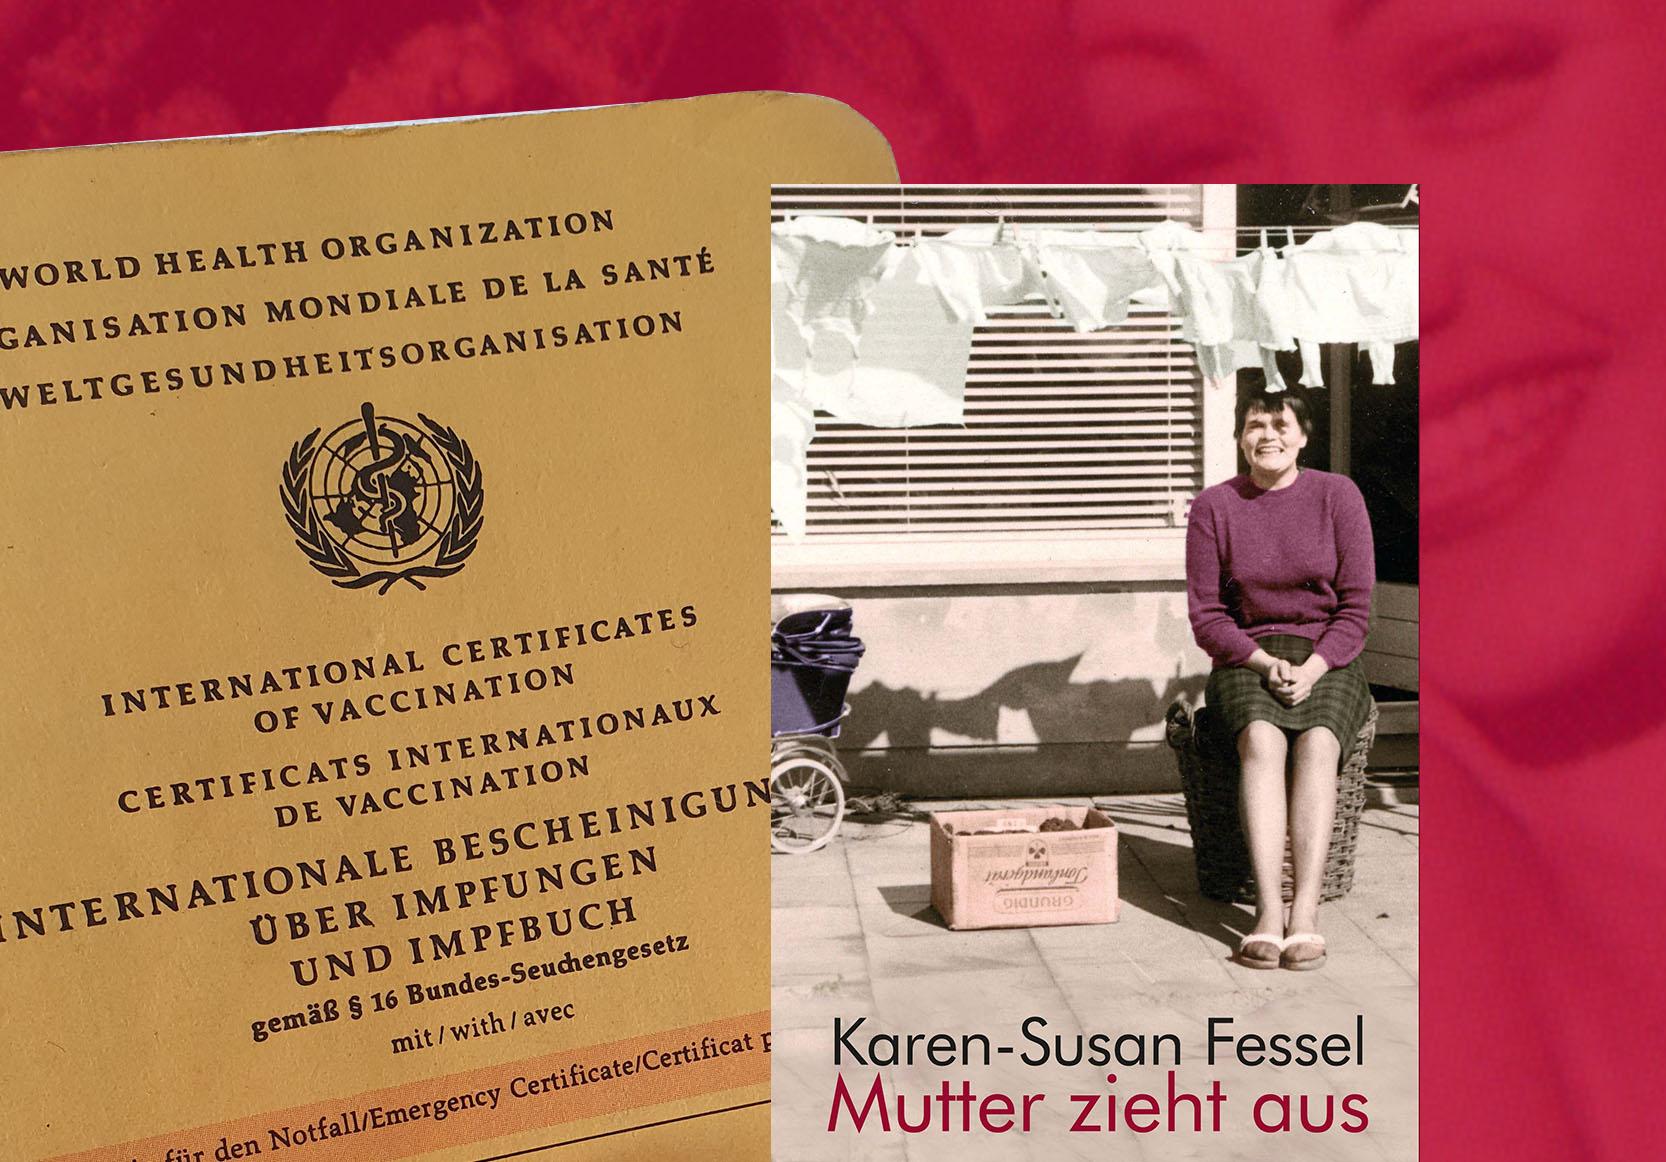 Die Parade der Betagten, von Karen-Susan Fessel